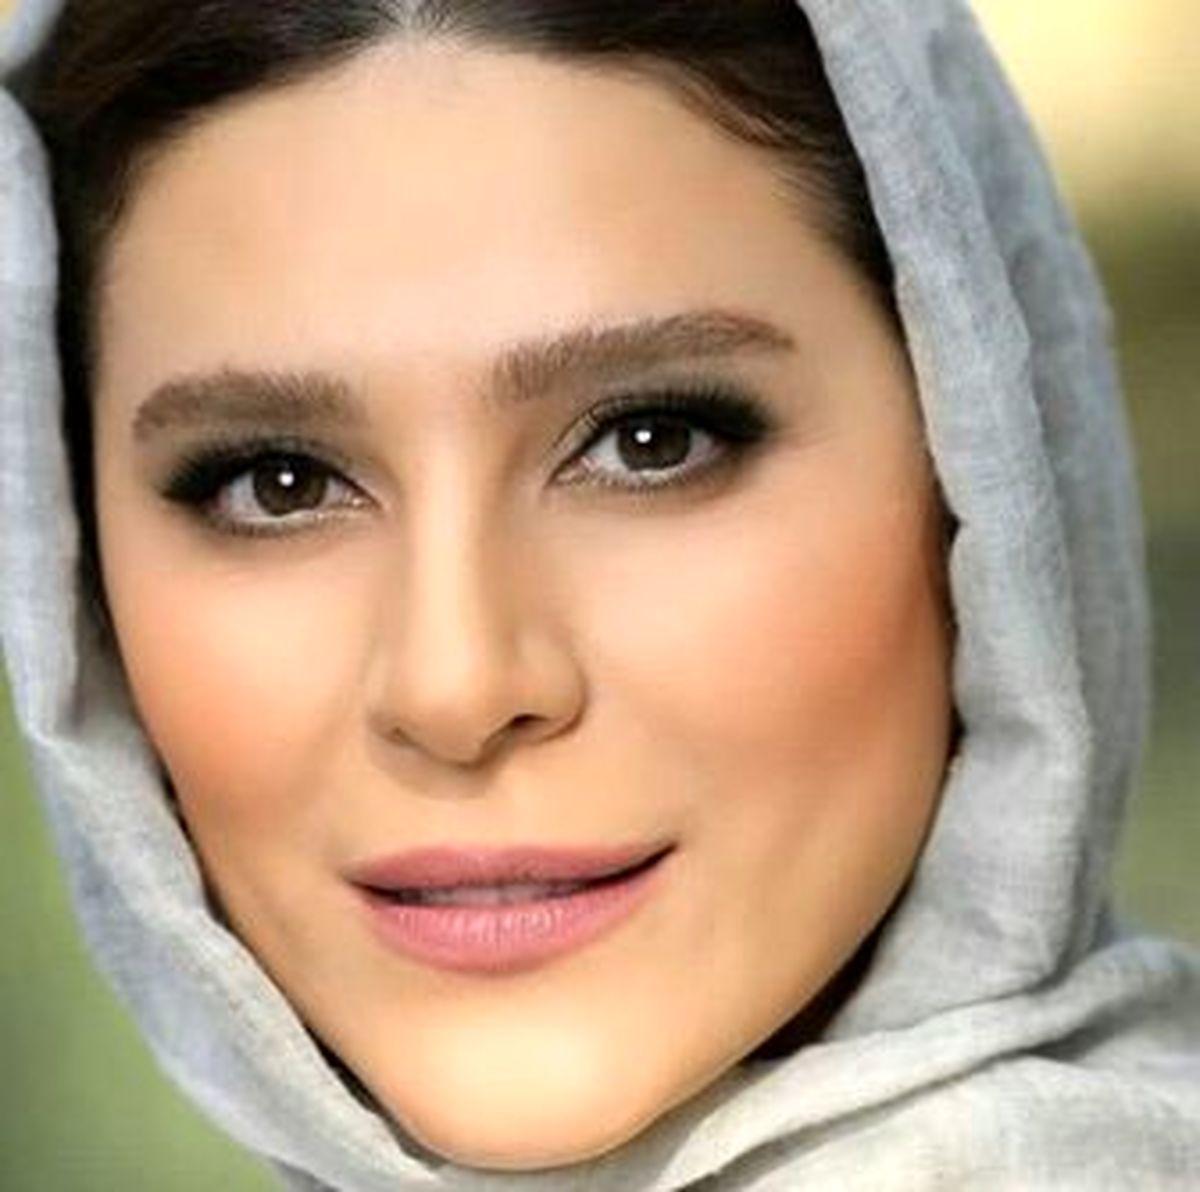 تبریک تولد متفاوت نوید محمدزاده به سحر دولتشاهی + عکس